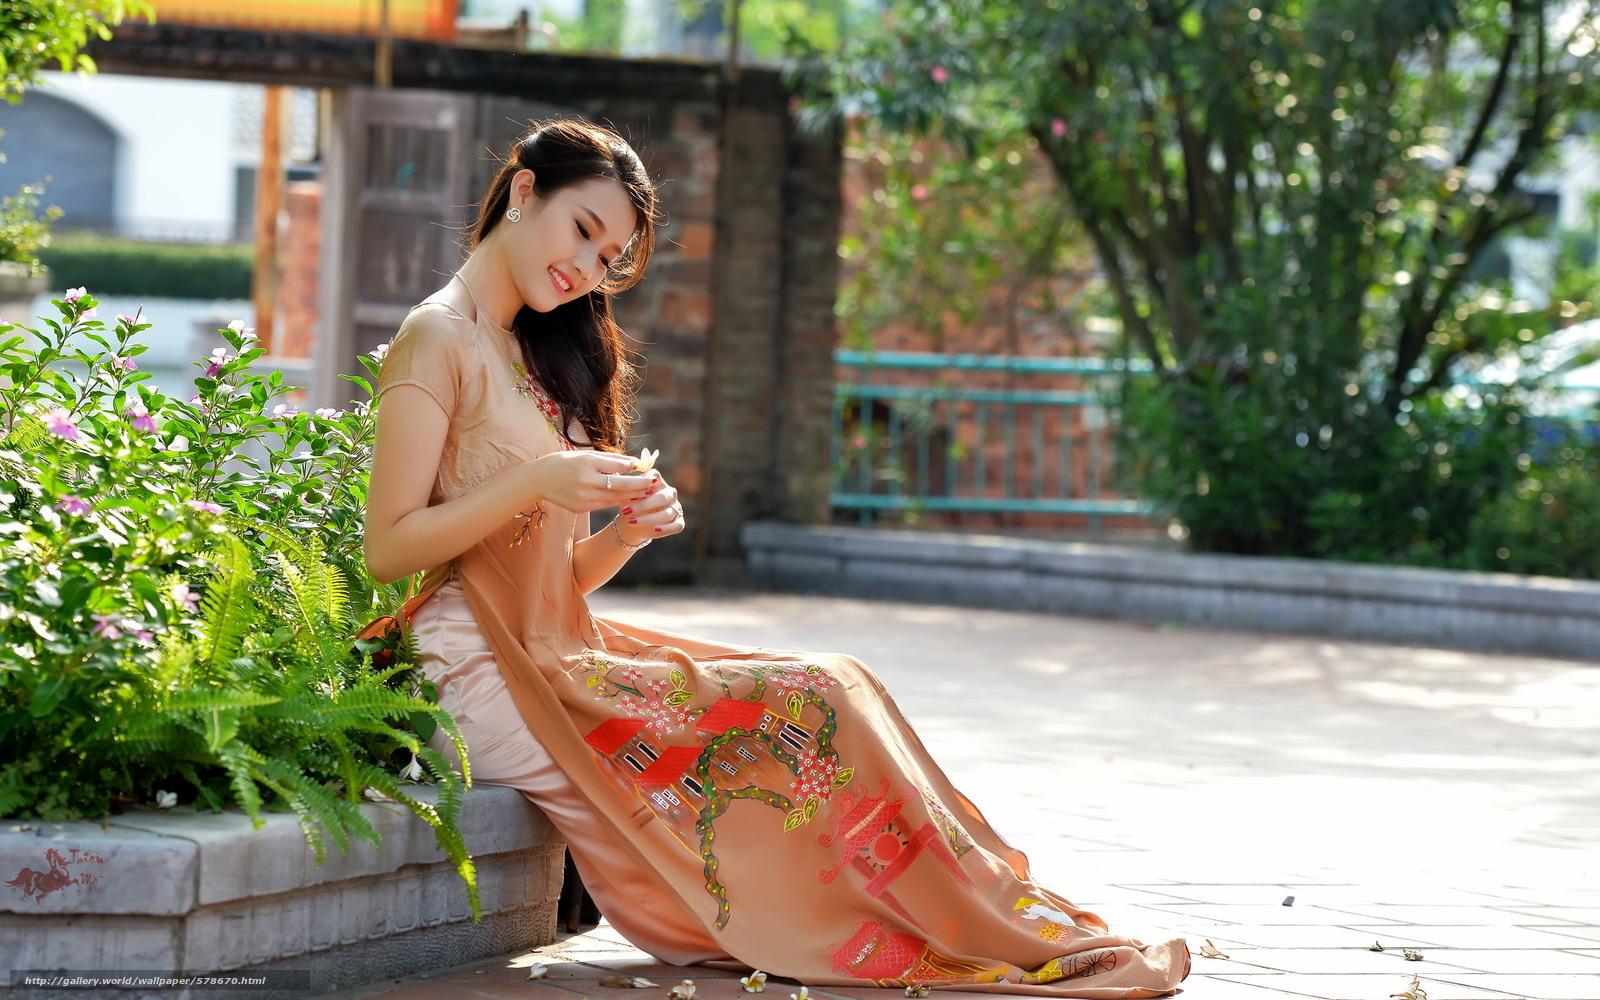 фото азиатки на улице природе